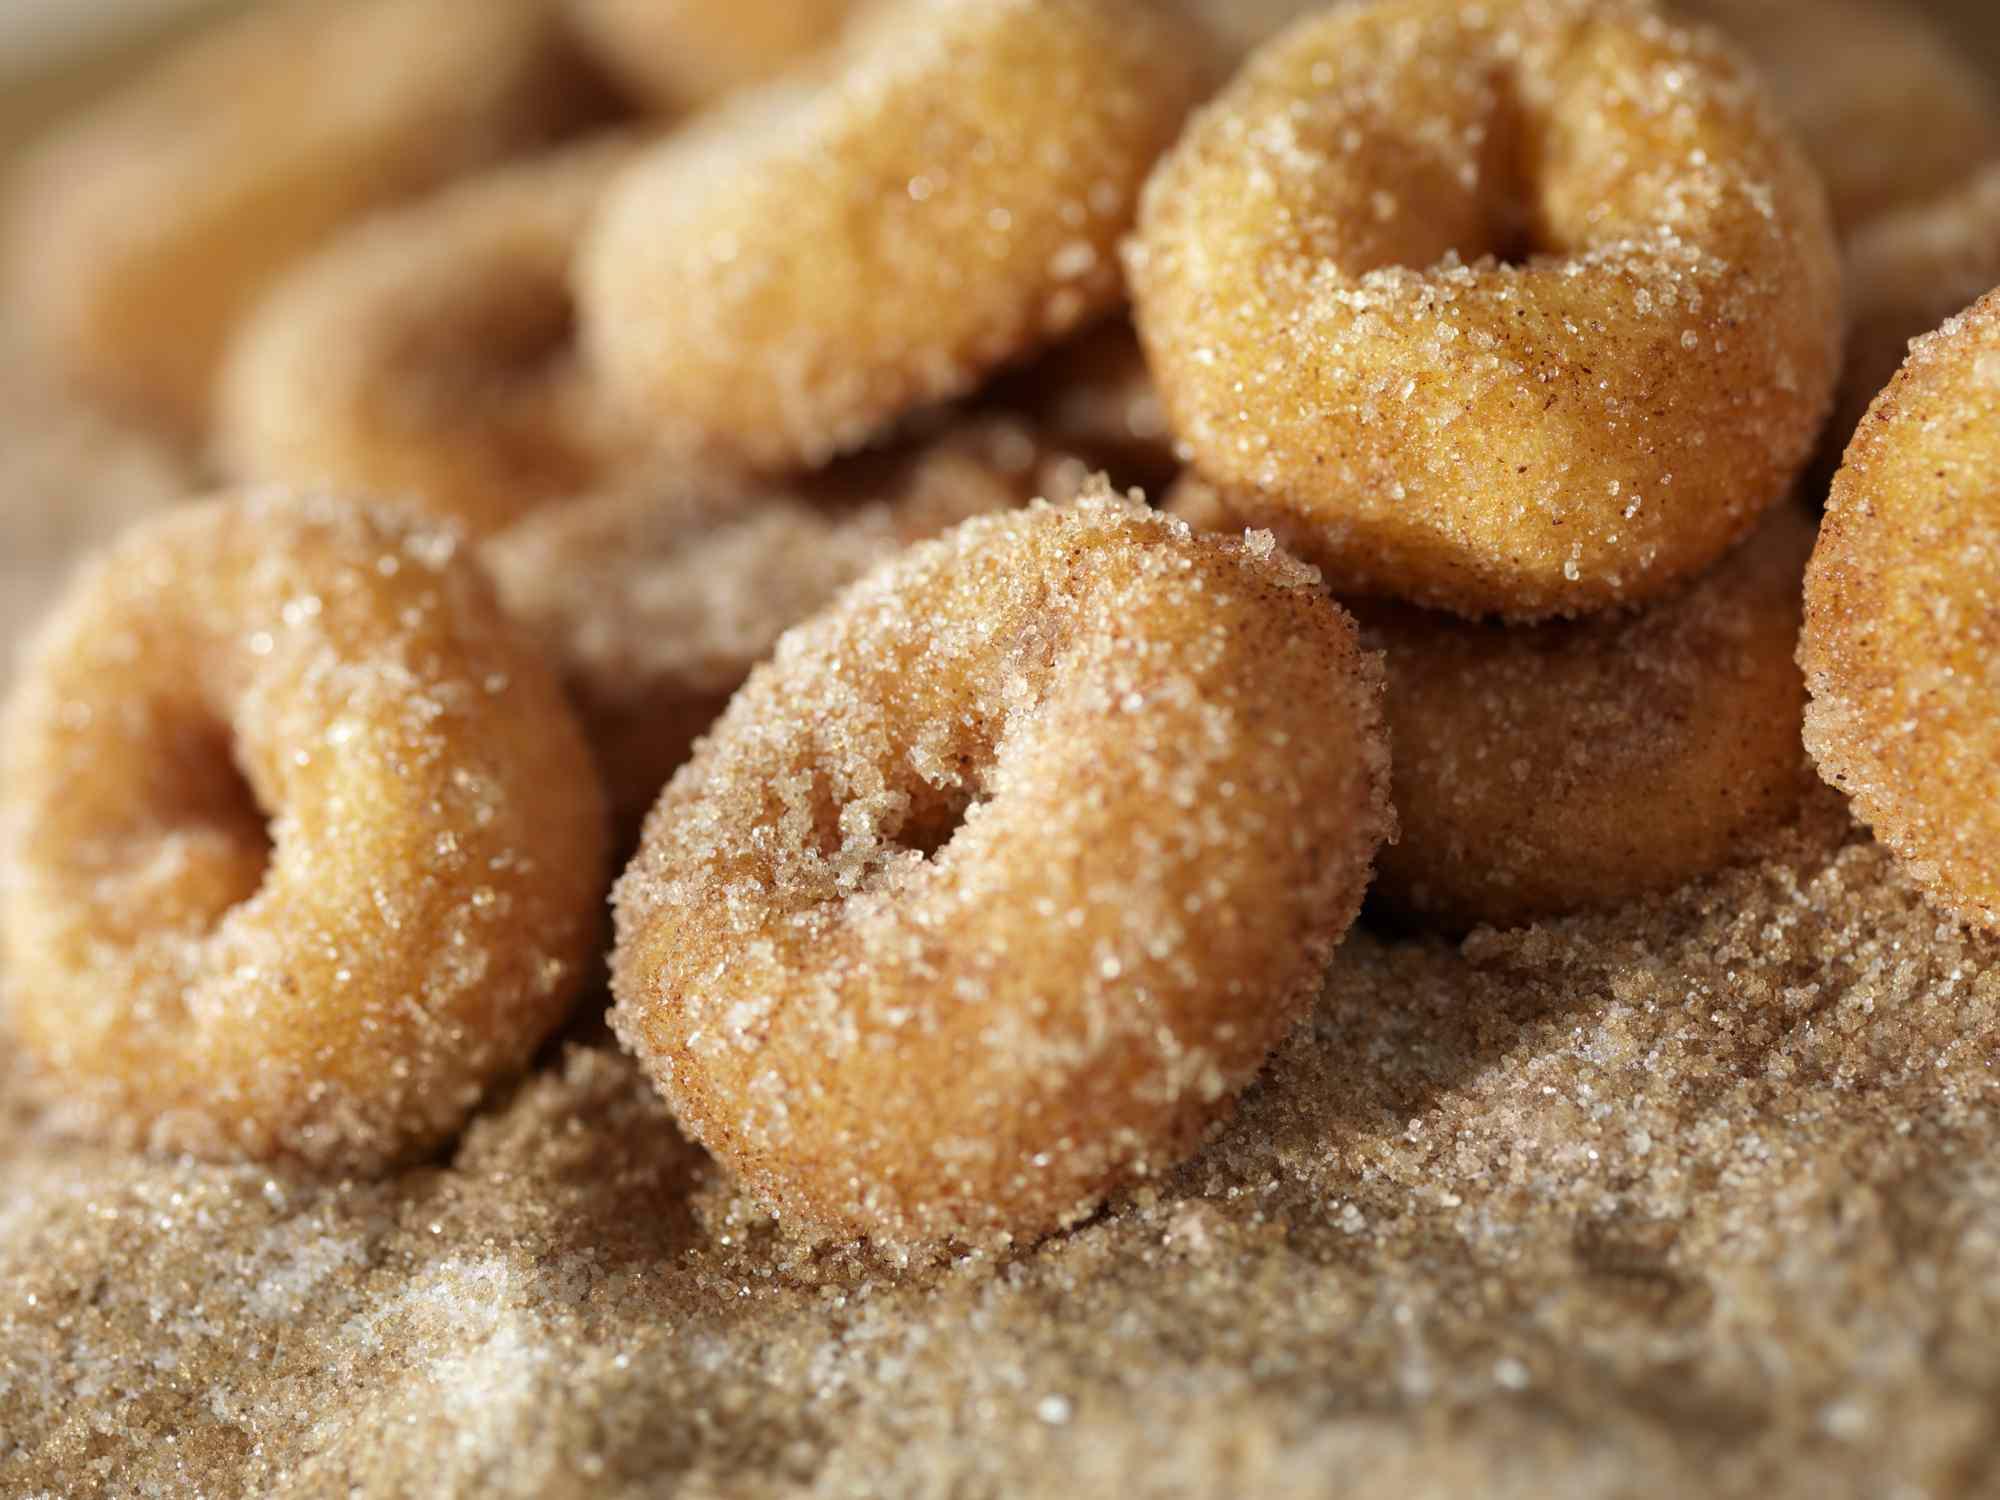 Cinnamon and Sugar Mini Donuts